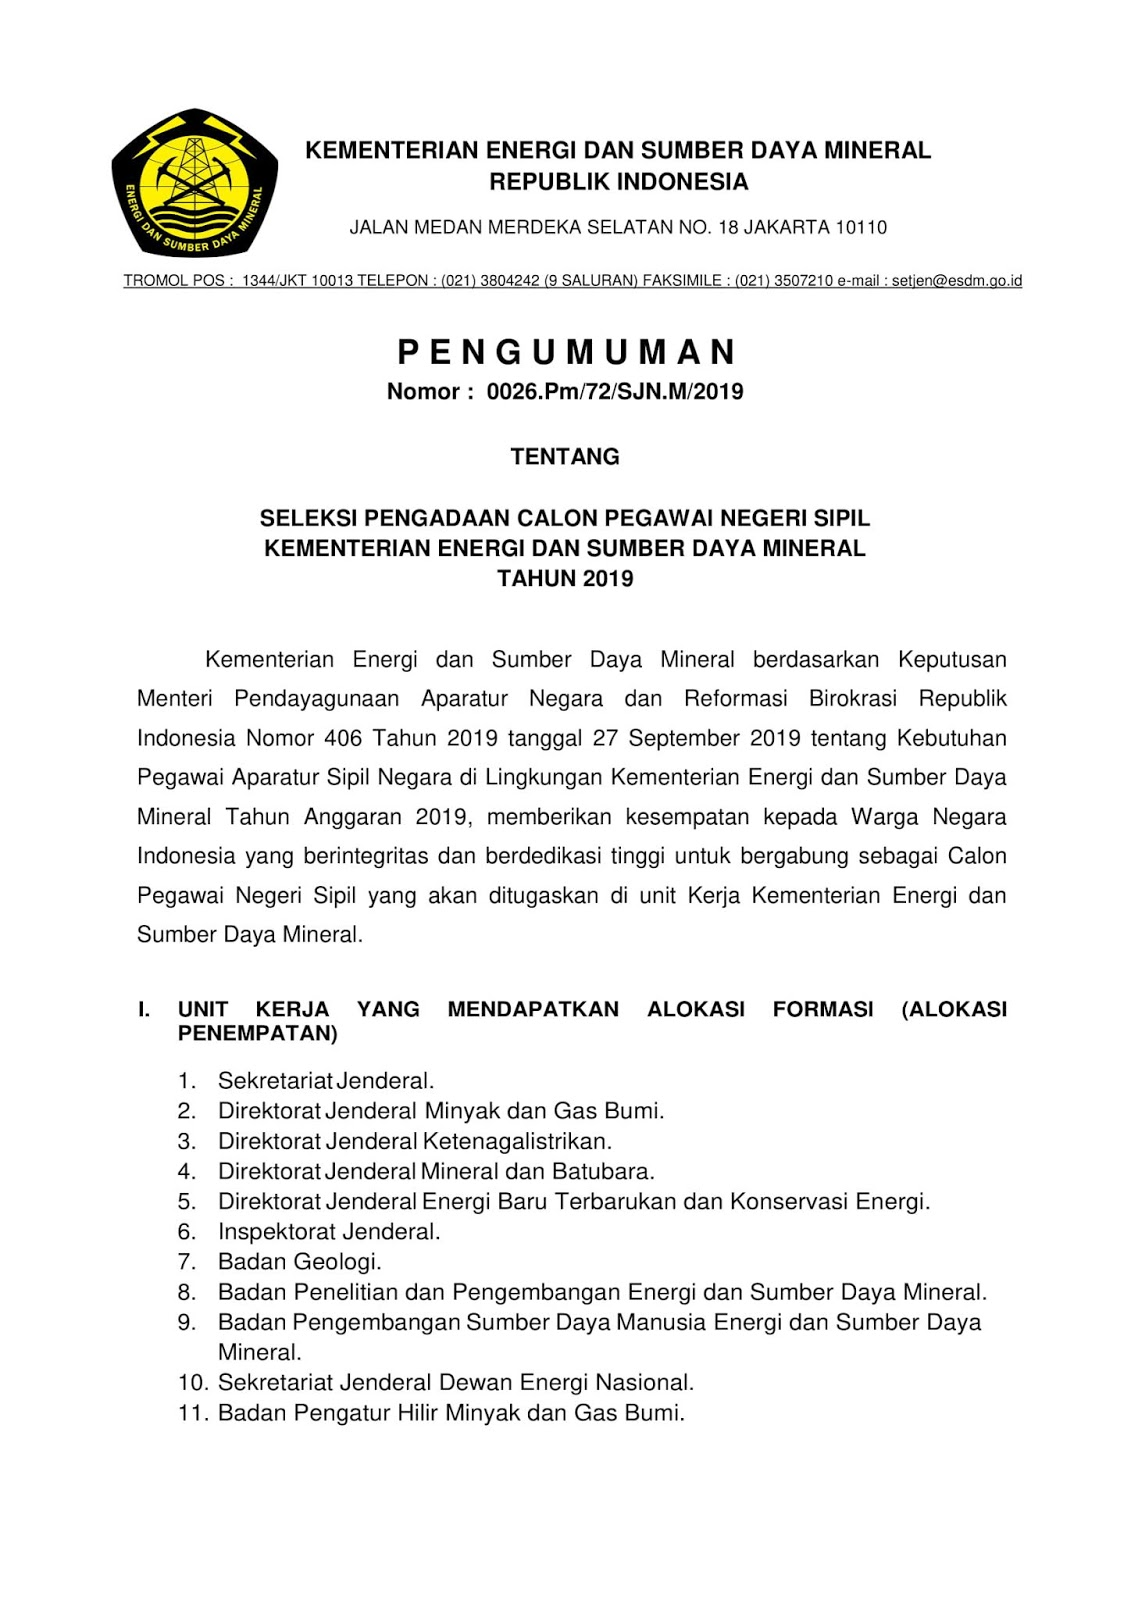 Lowongan CPNS Kementerian Energi dan Sumber Daya Mineral Tahun Anggaran 2019 [187 Formasi]